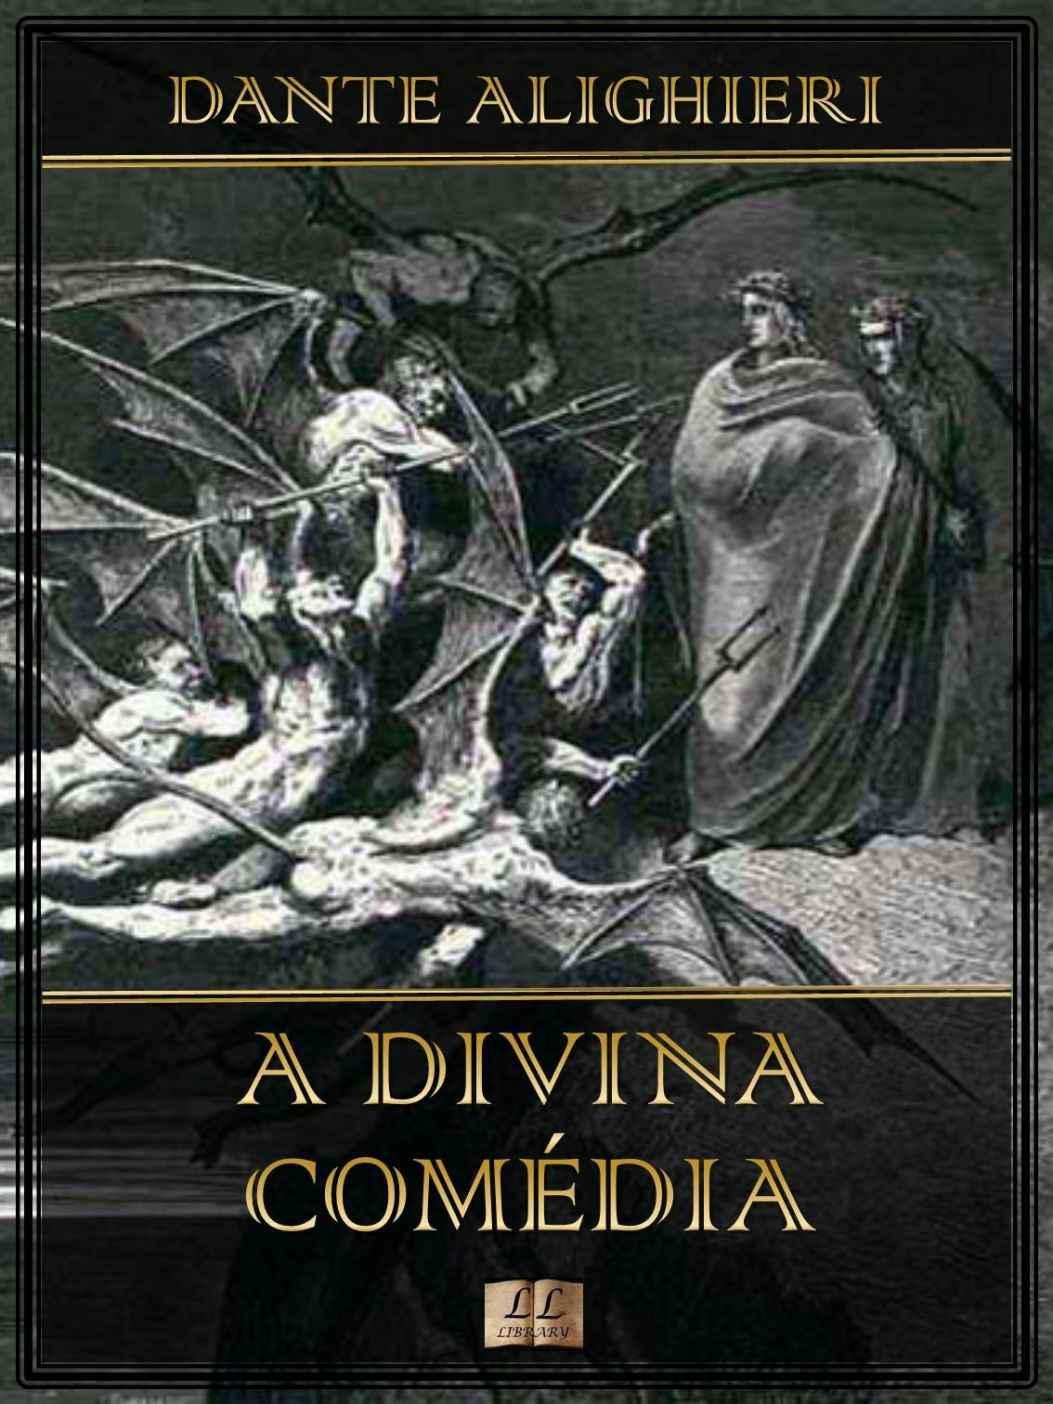 A Divina Comedia Http Lelivros Gratis Book Download A Divina